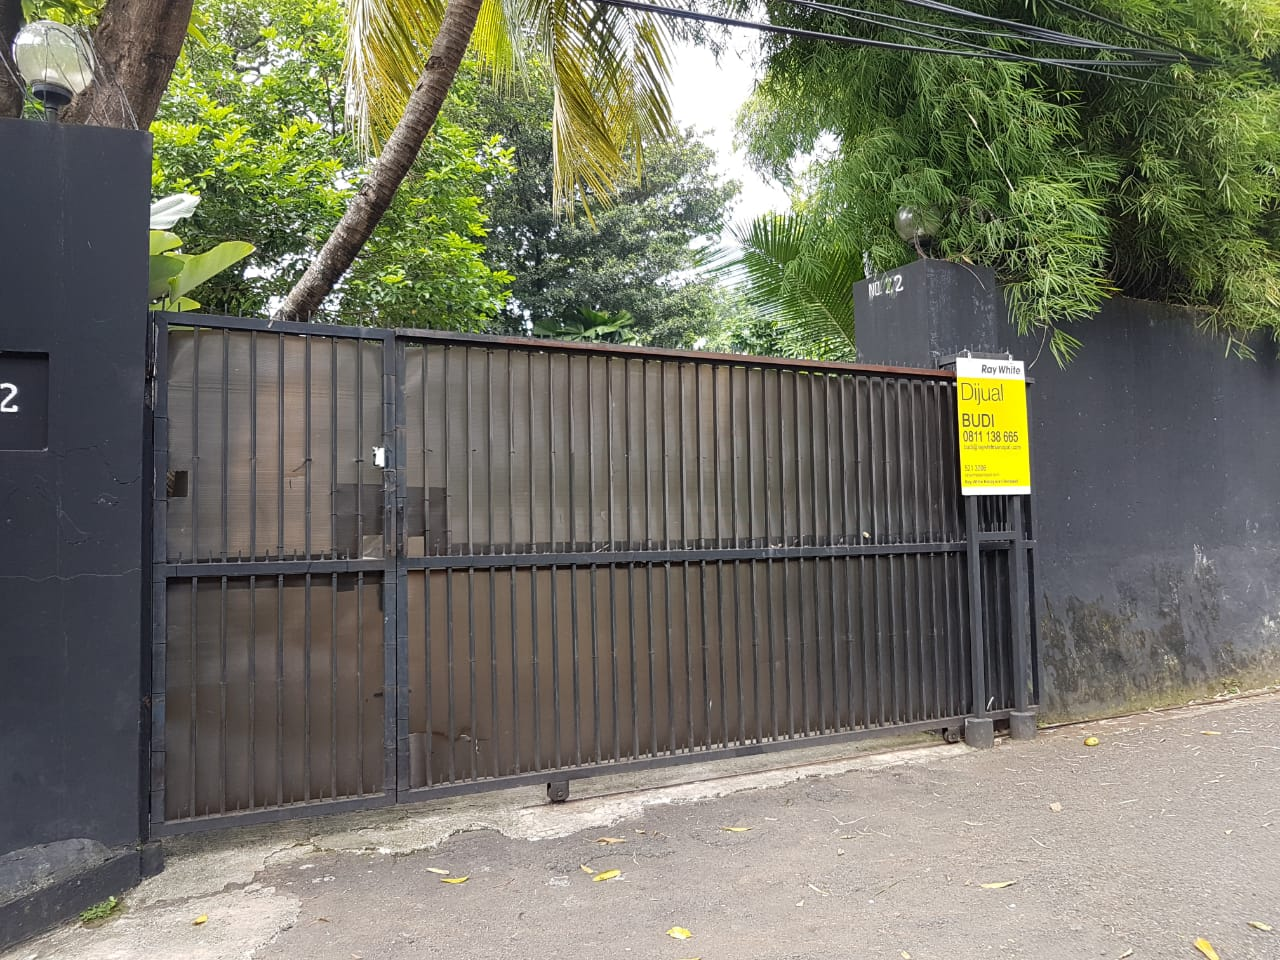 DI JUAL RUMAH DI CILANDAK, JAKARTA SELATAN